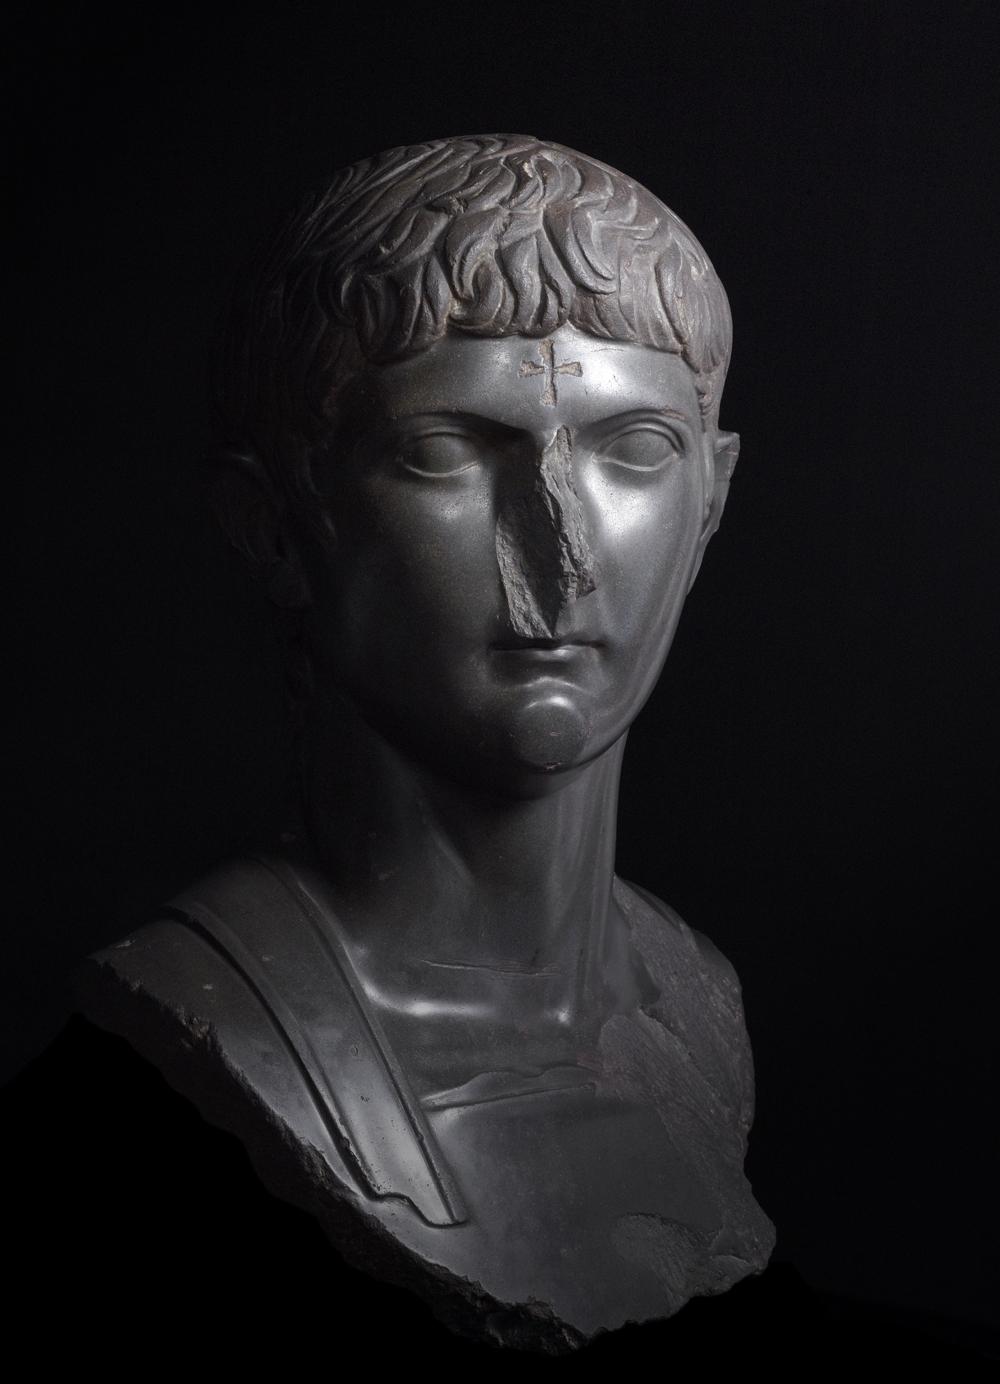 Romalı general Germanicus'un alnına kazınmış Hrirtiyan haç ile olan büstü, bazalt, M. S. 14-20 [ © British Museum Mutevelli Heyeti]